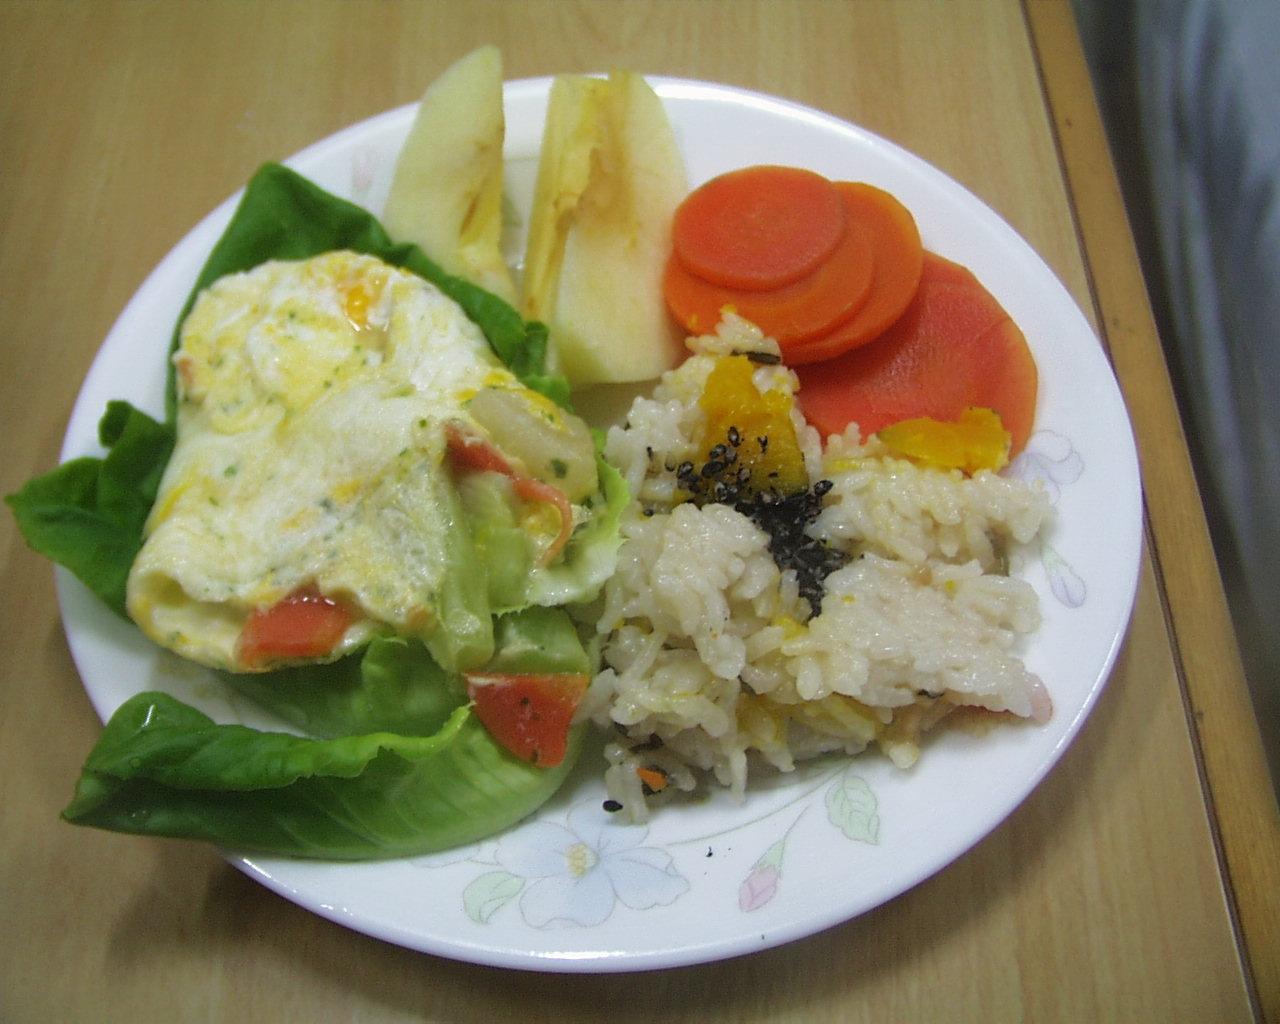 炊き込みごはんと、野菜オムレツ、野菜のの盛り合わせ